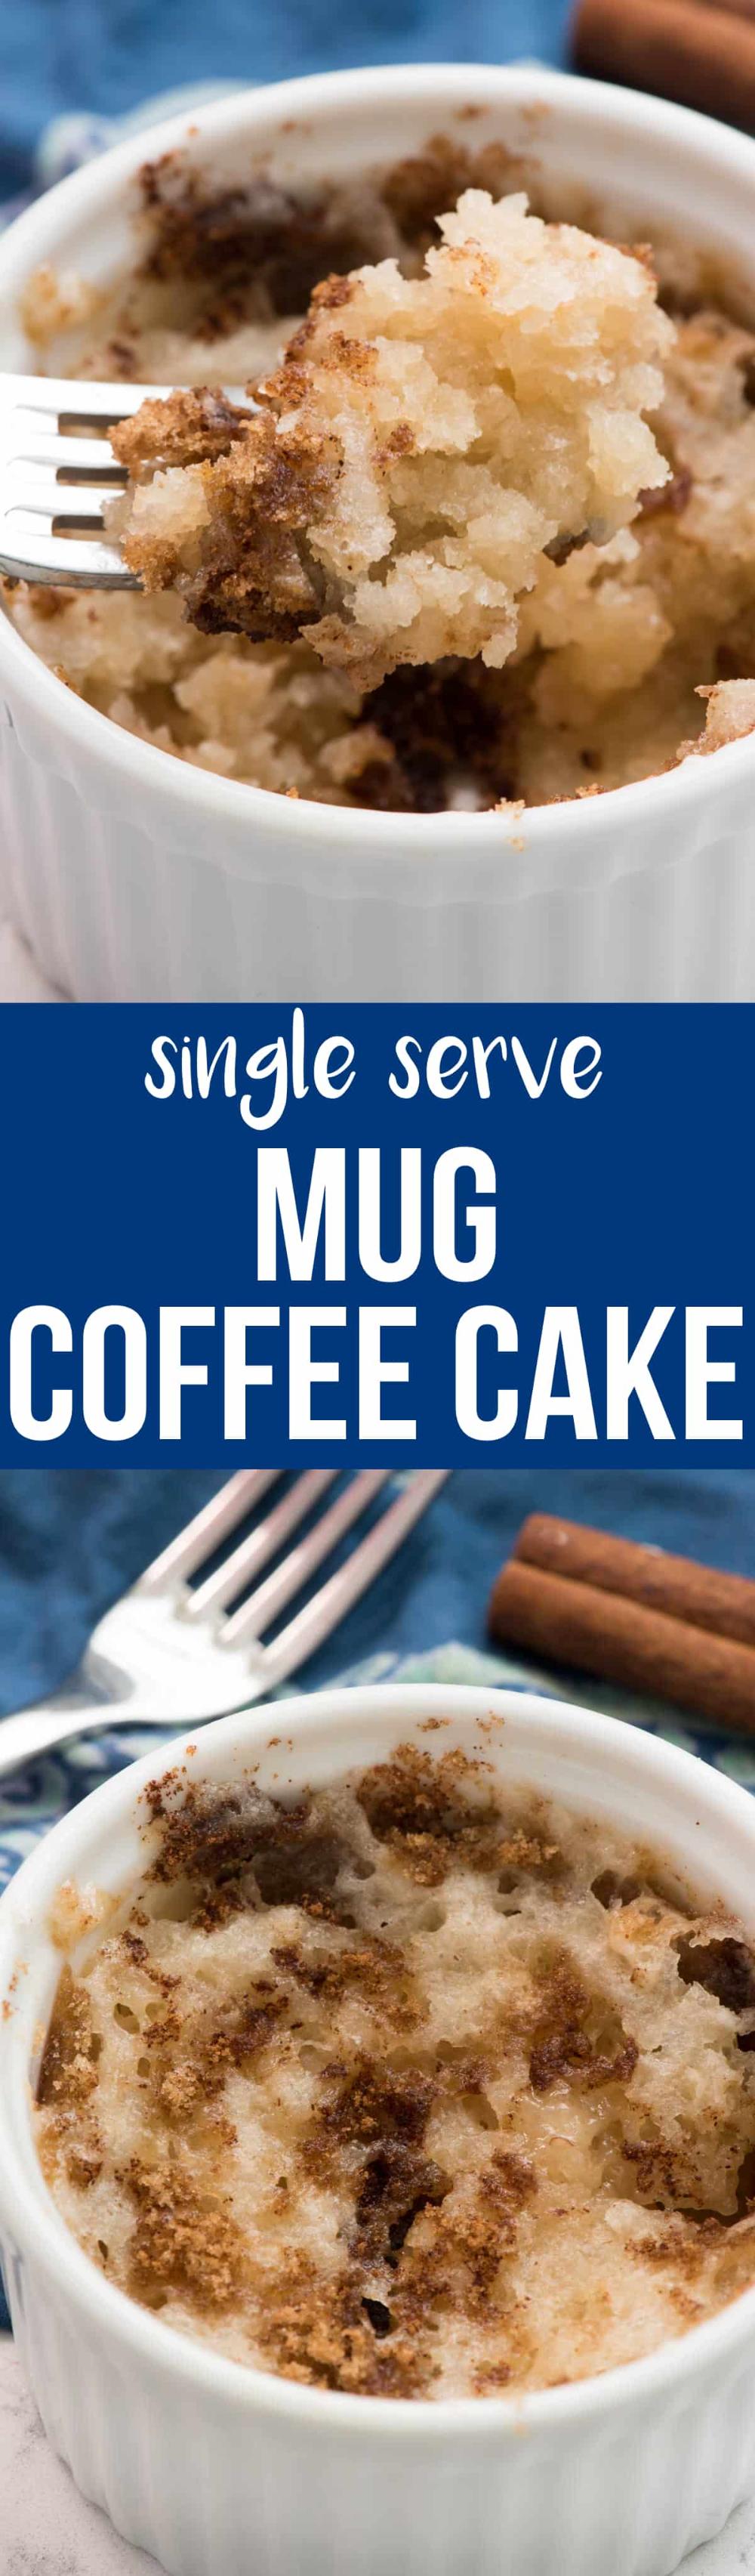 Single Serve Mug Coffee Cake | Recipe | Mug cake healthy ...